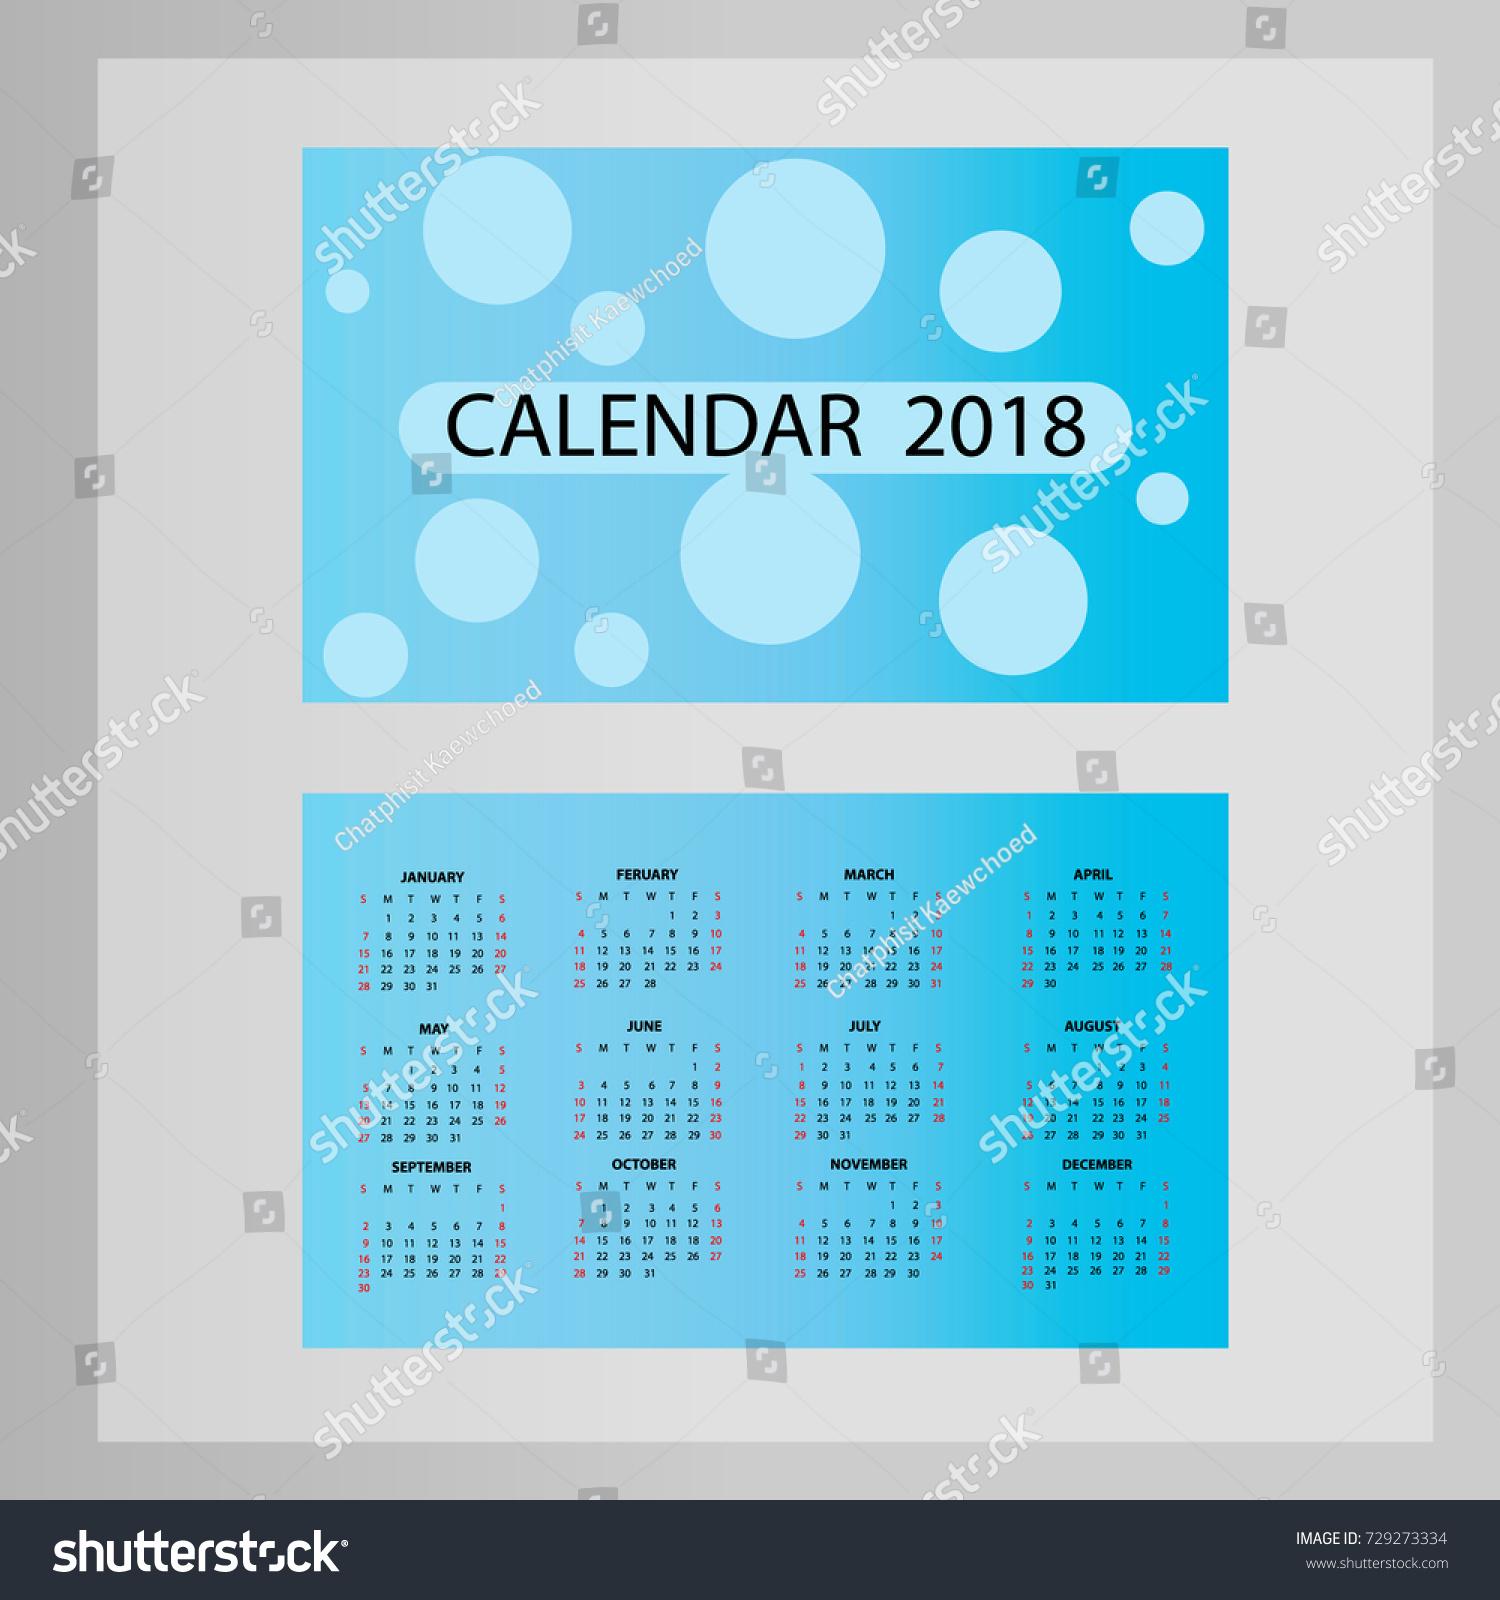 Business Card Calendar 2018 Vector Stock Vector Royalty Free